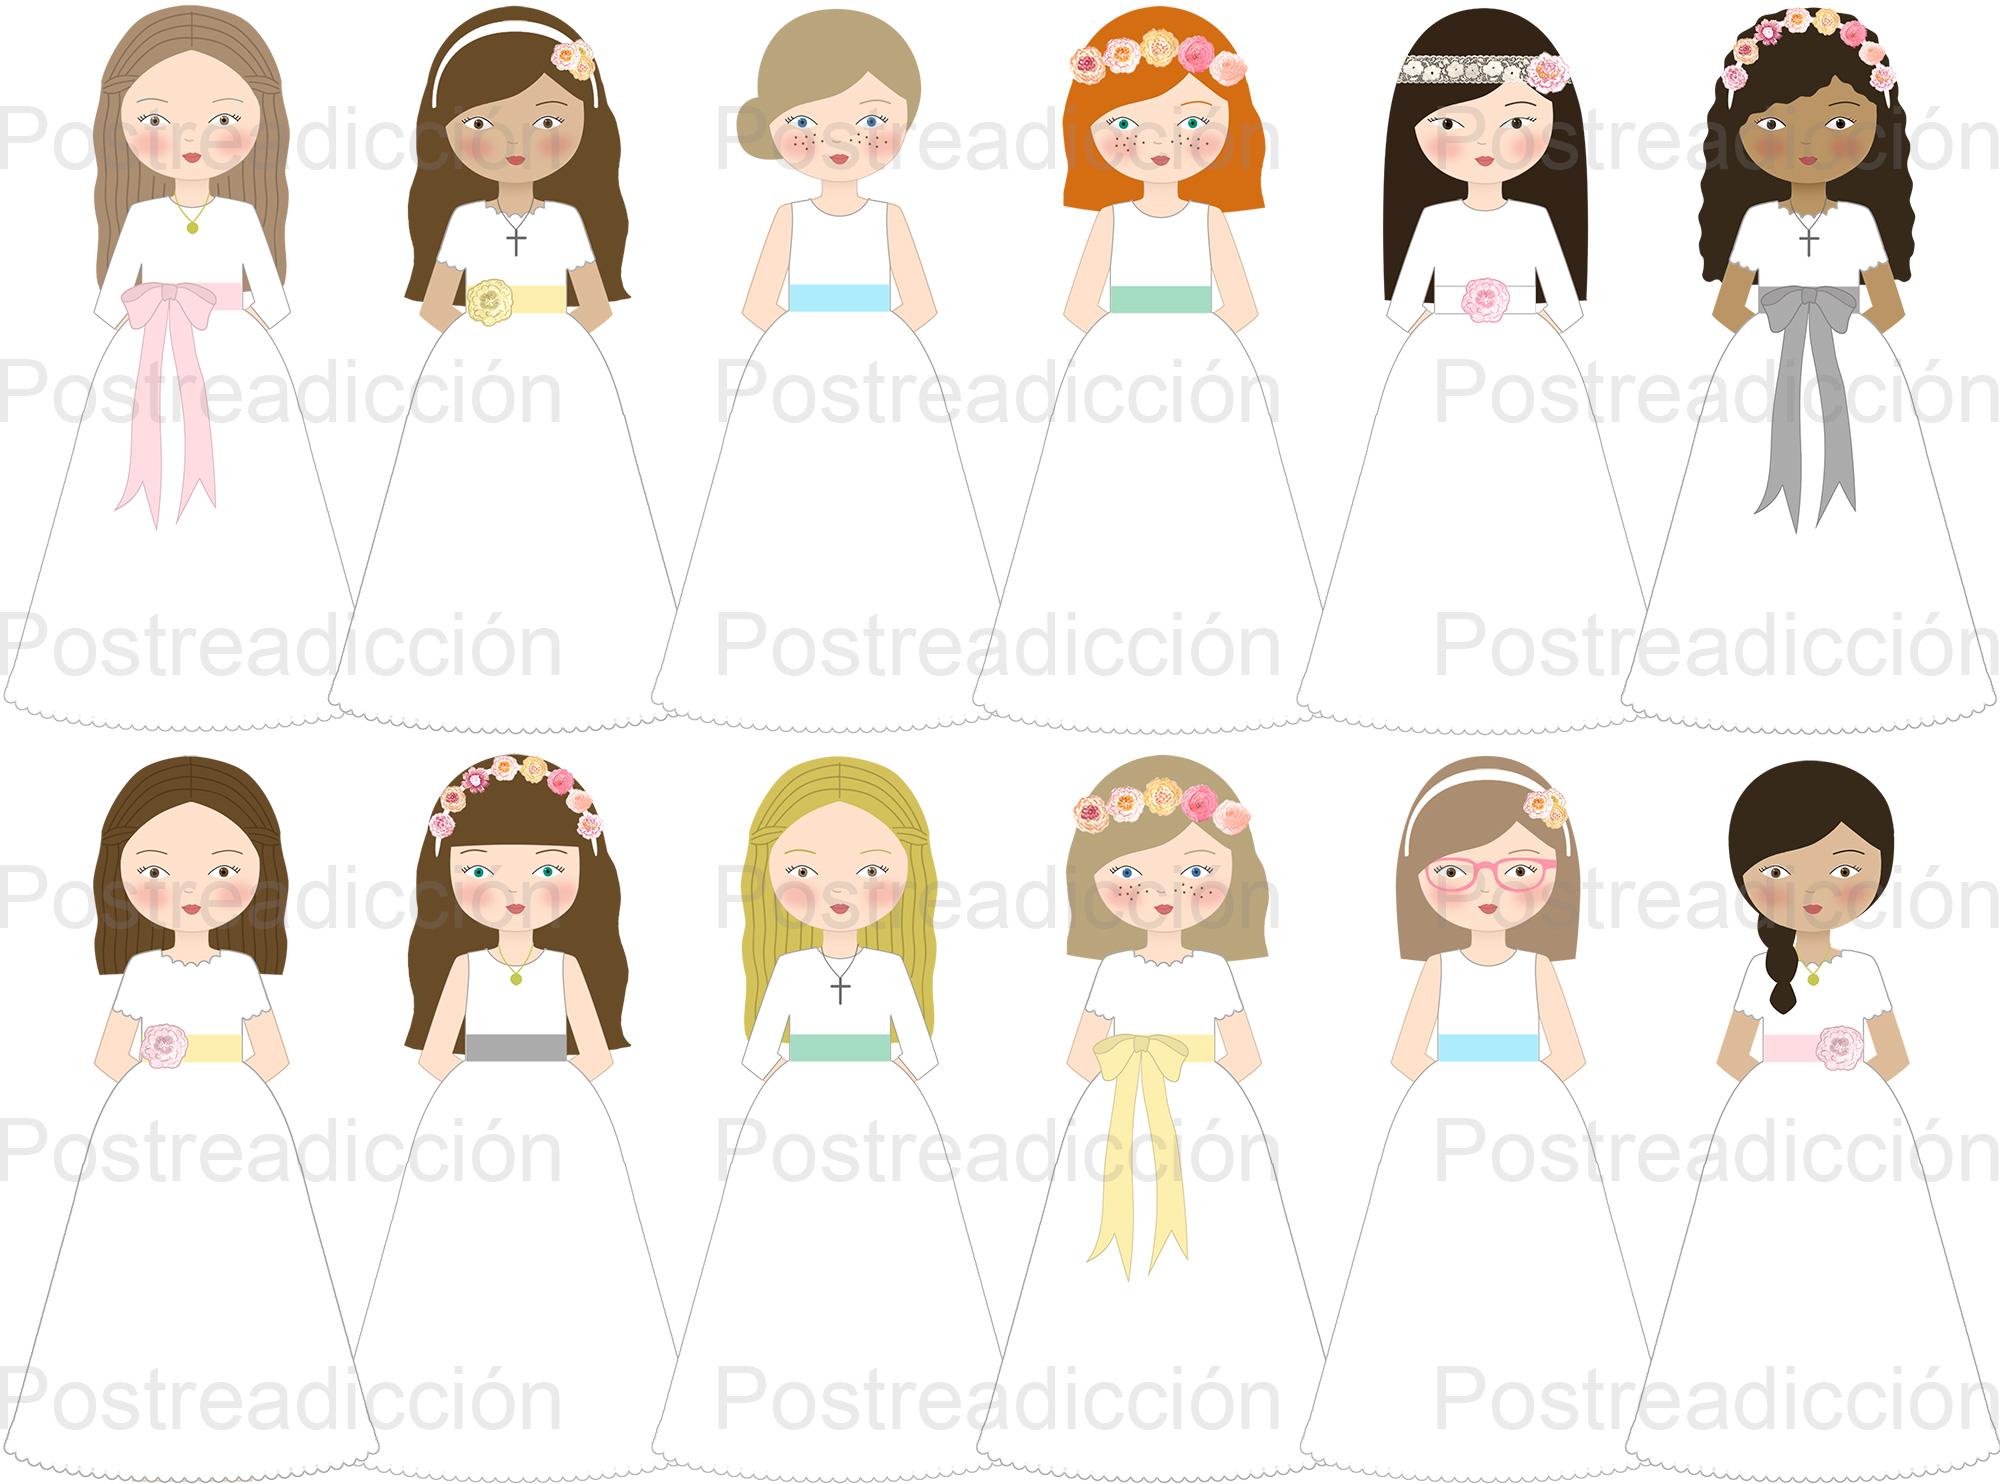 Imagen de producto: https://tienda.postreadiccion.com/img/articulos/secundarias3089-4-invitaciones-personalizadas-de-comunion-carlota-1.jpg